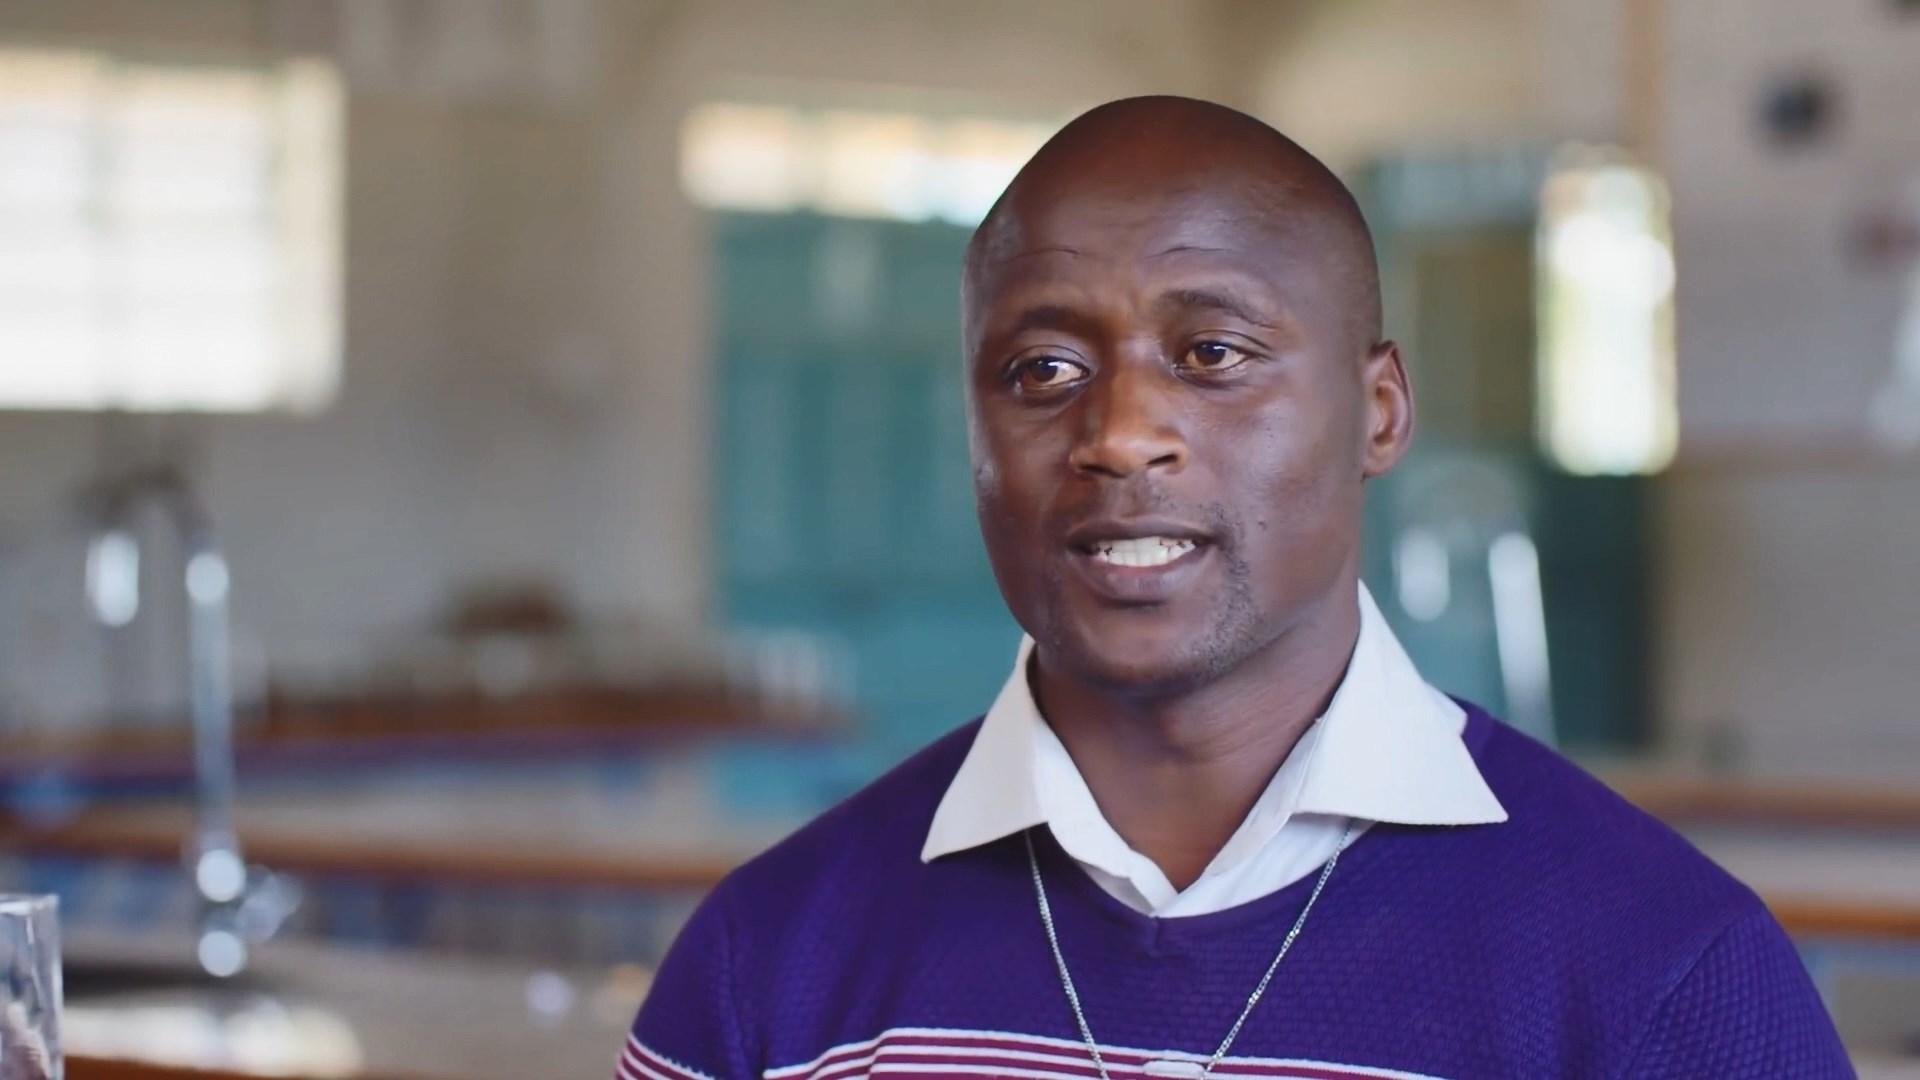 【環球薈報】肯尼亞鄉村教師獲「全球教師獎」